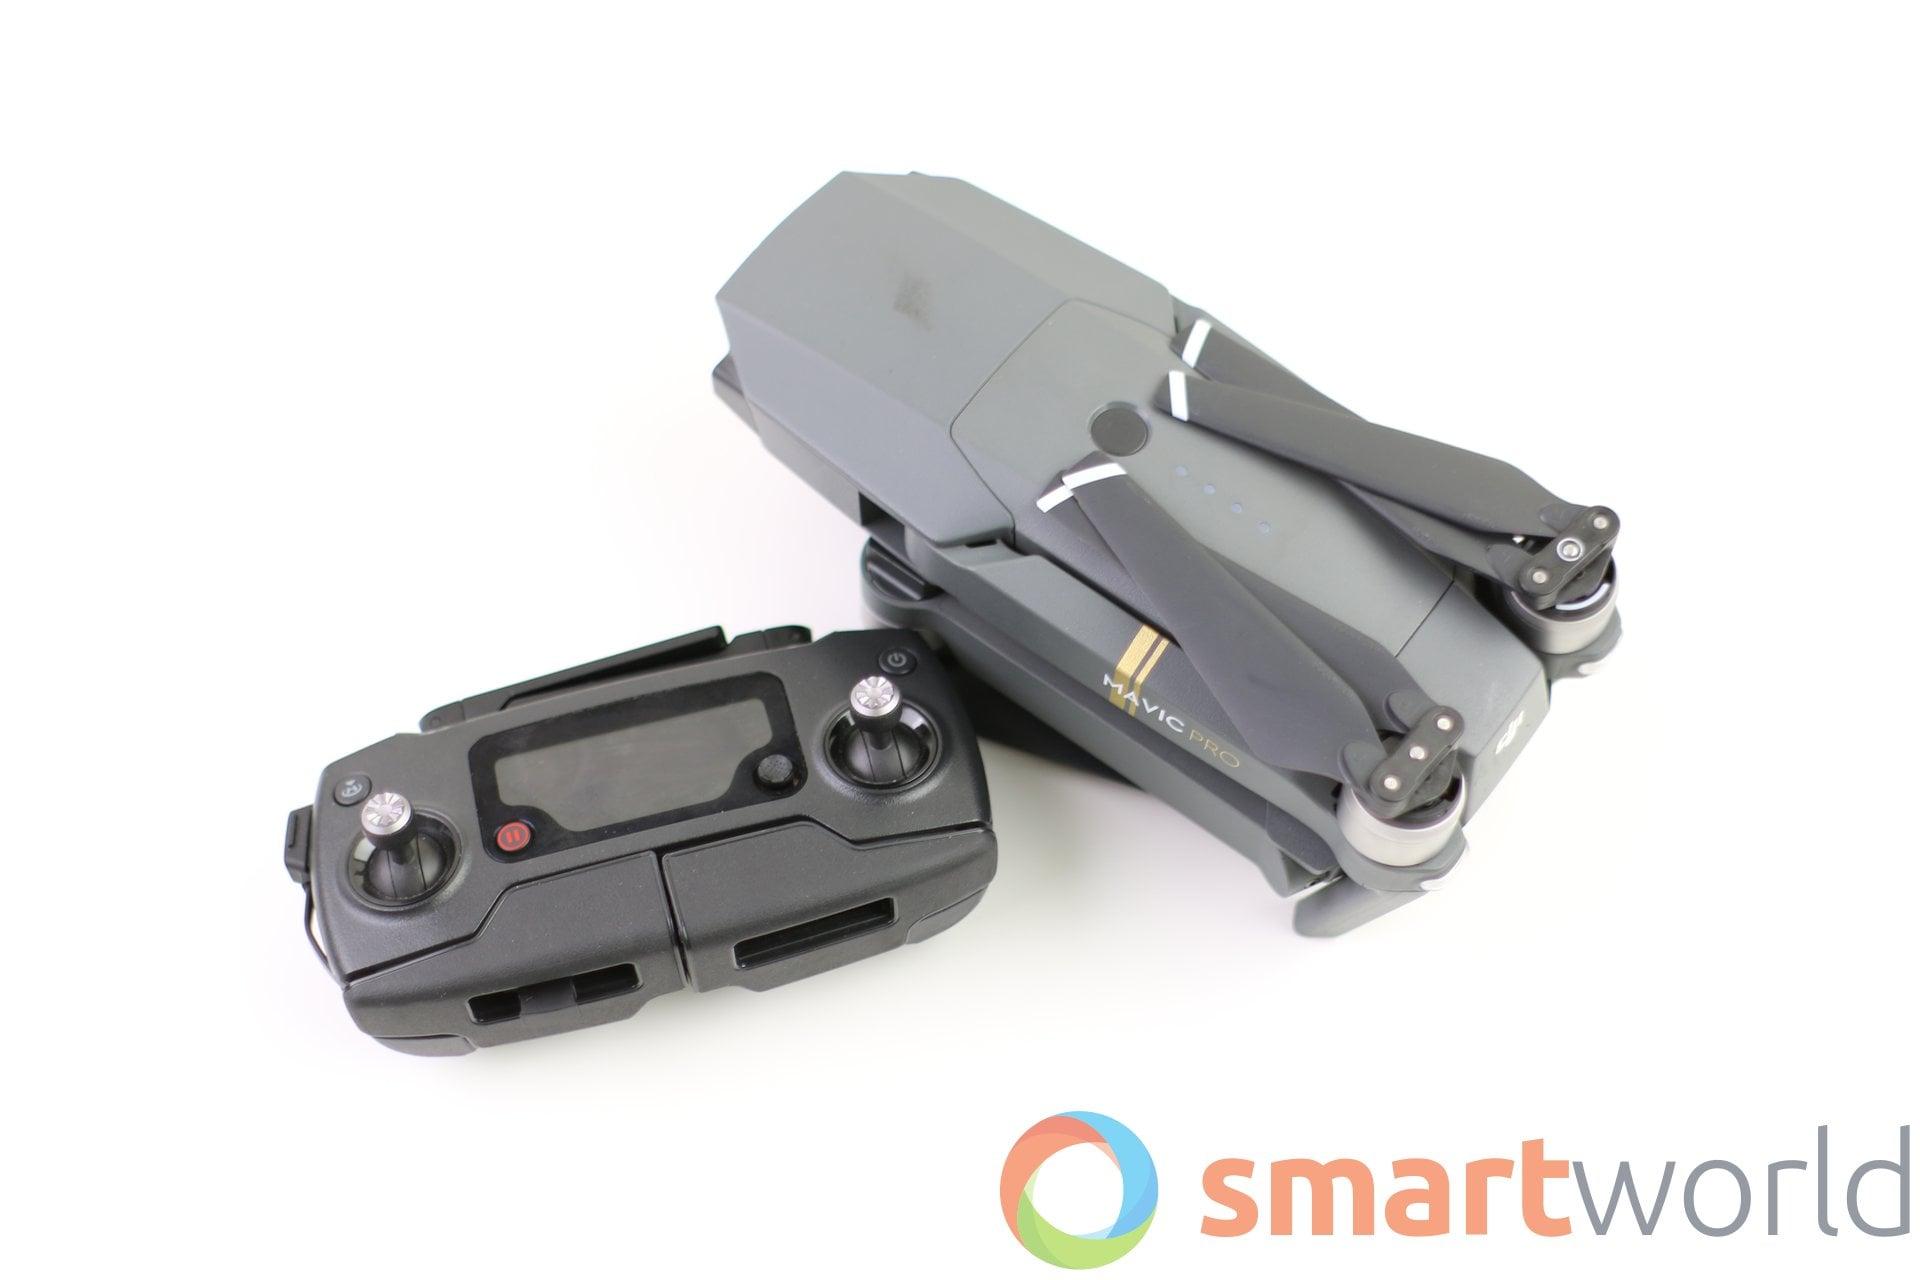 Drone X Pro : opinioni - prezzo - funziona - Italia - effetti collaterali ...